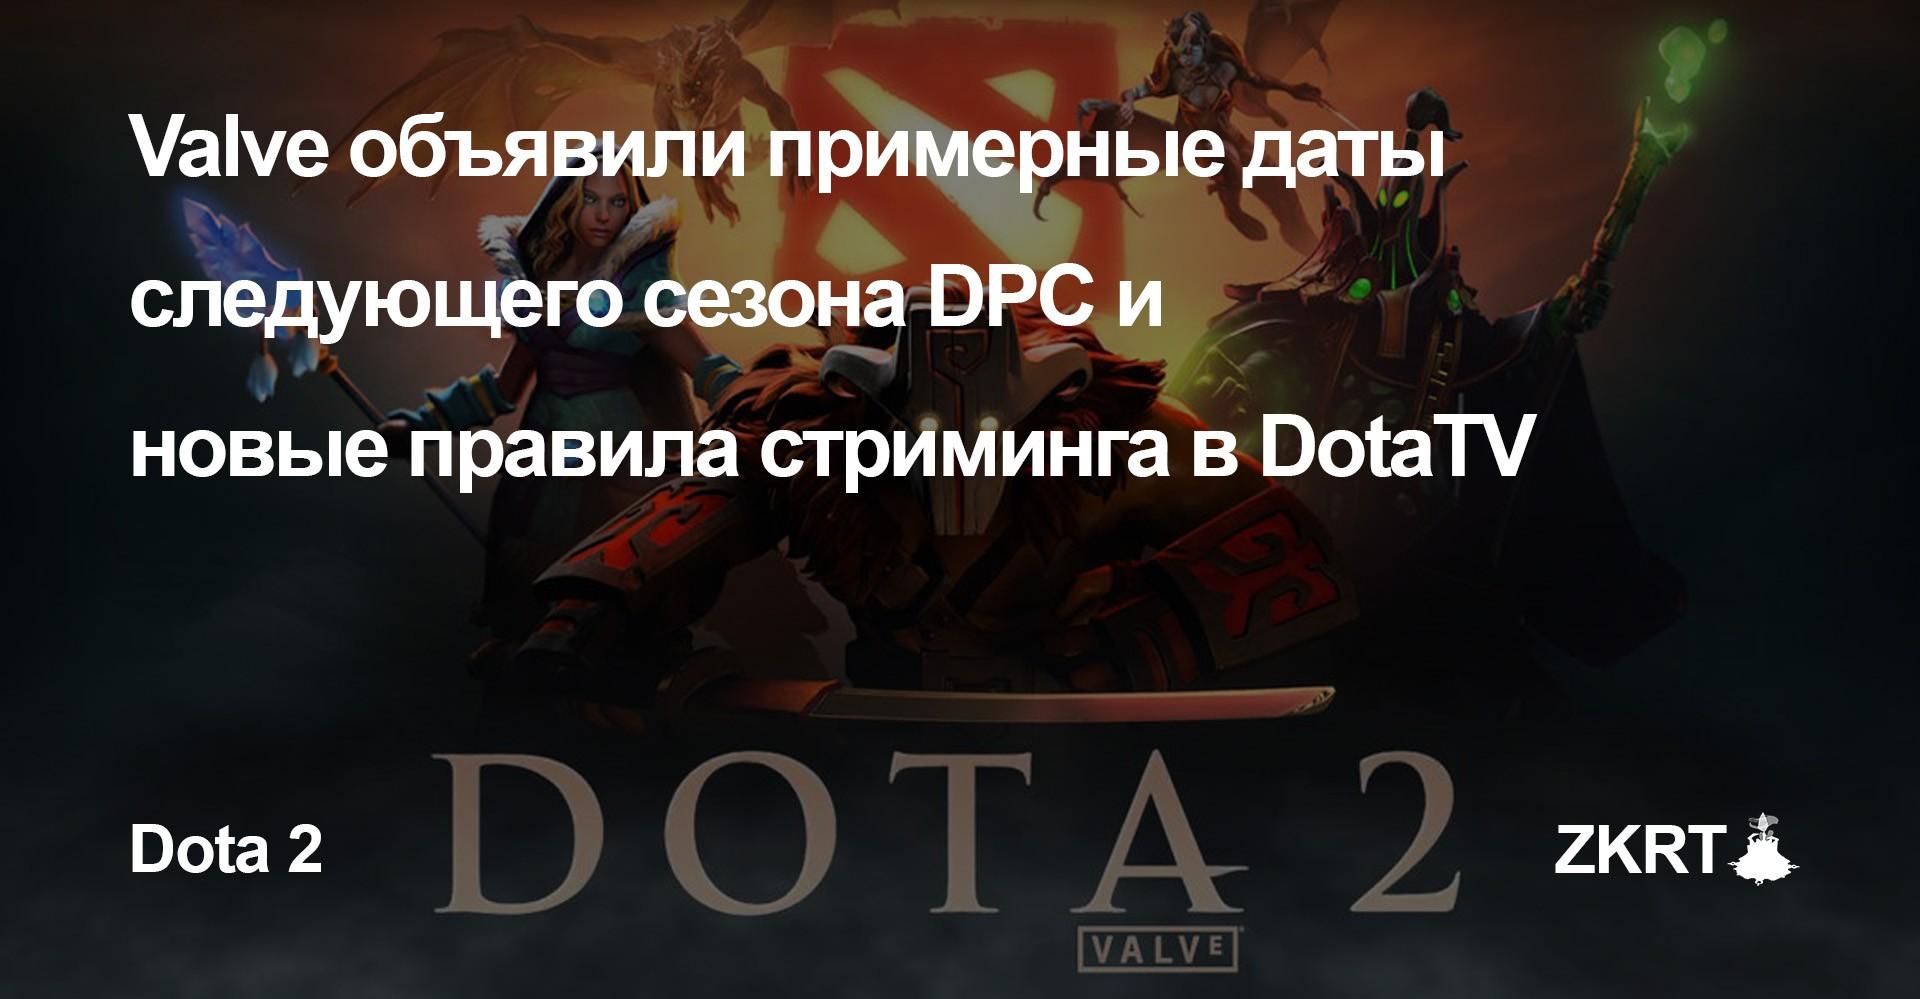 Dota 2 Ti 2021